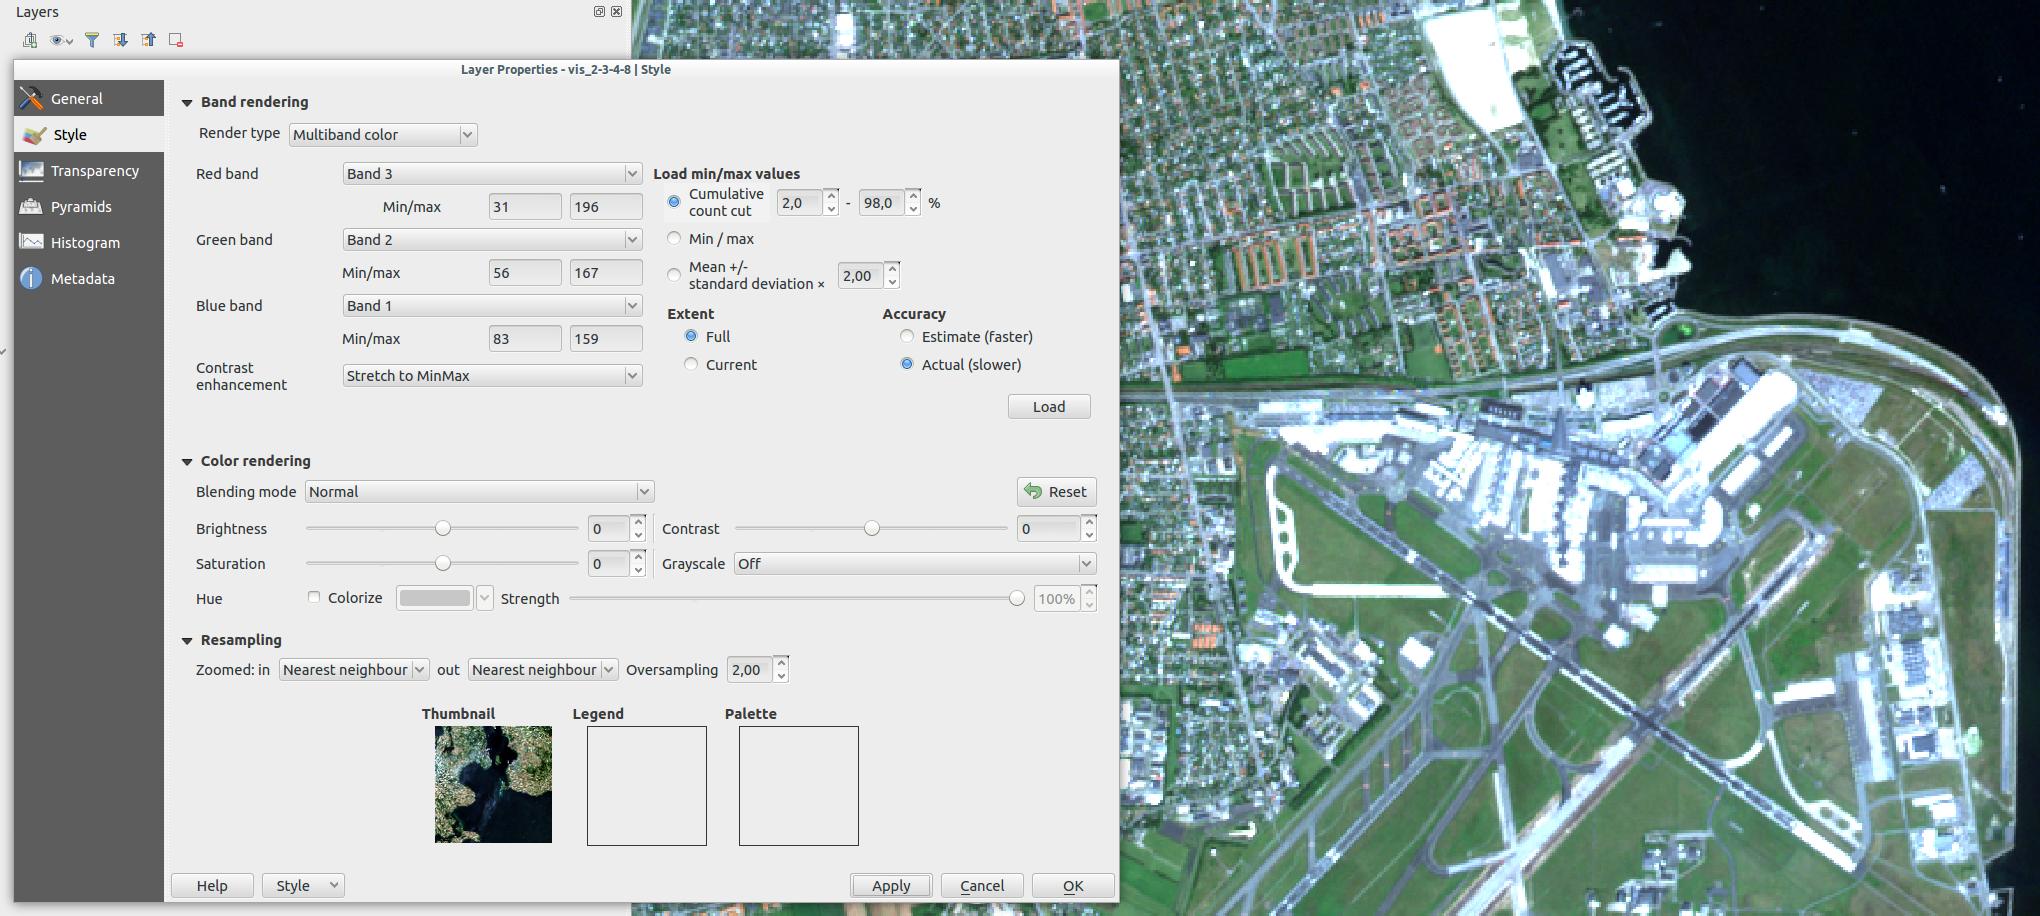 Skärmbild från 2015-10-24 16:52:48